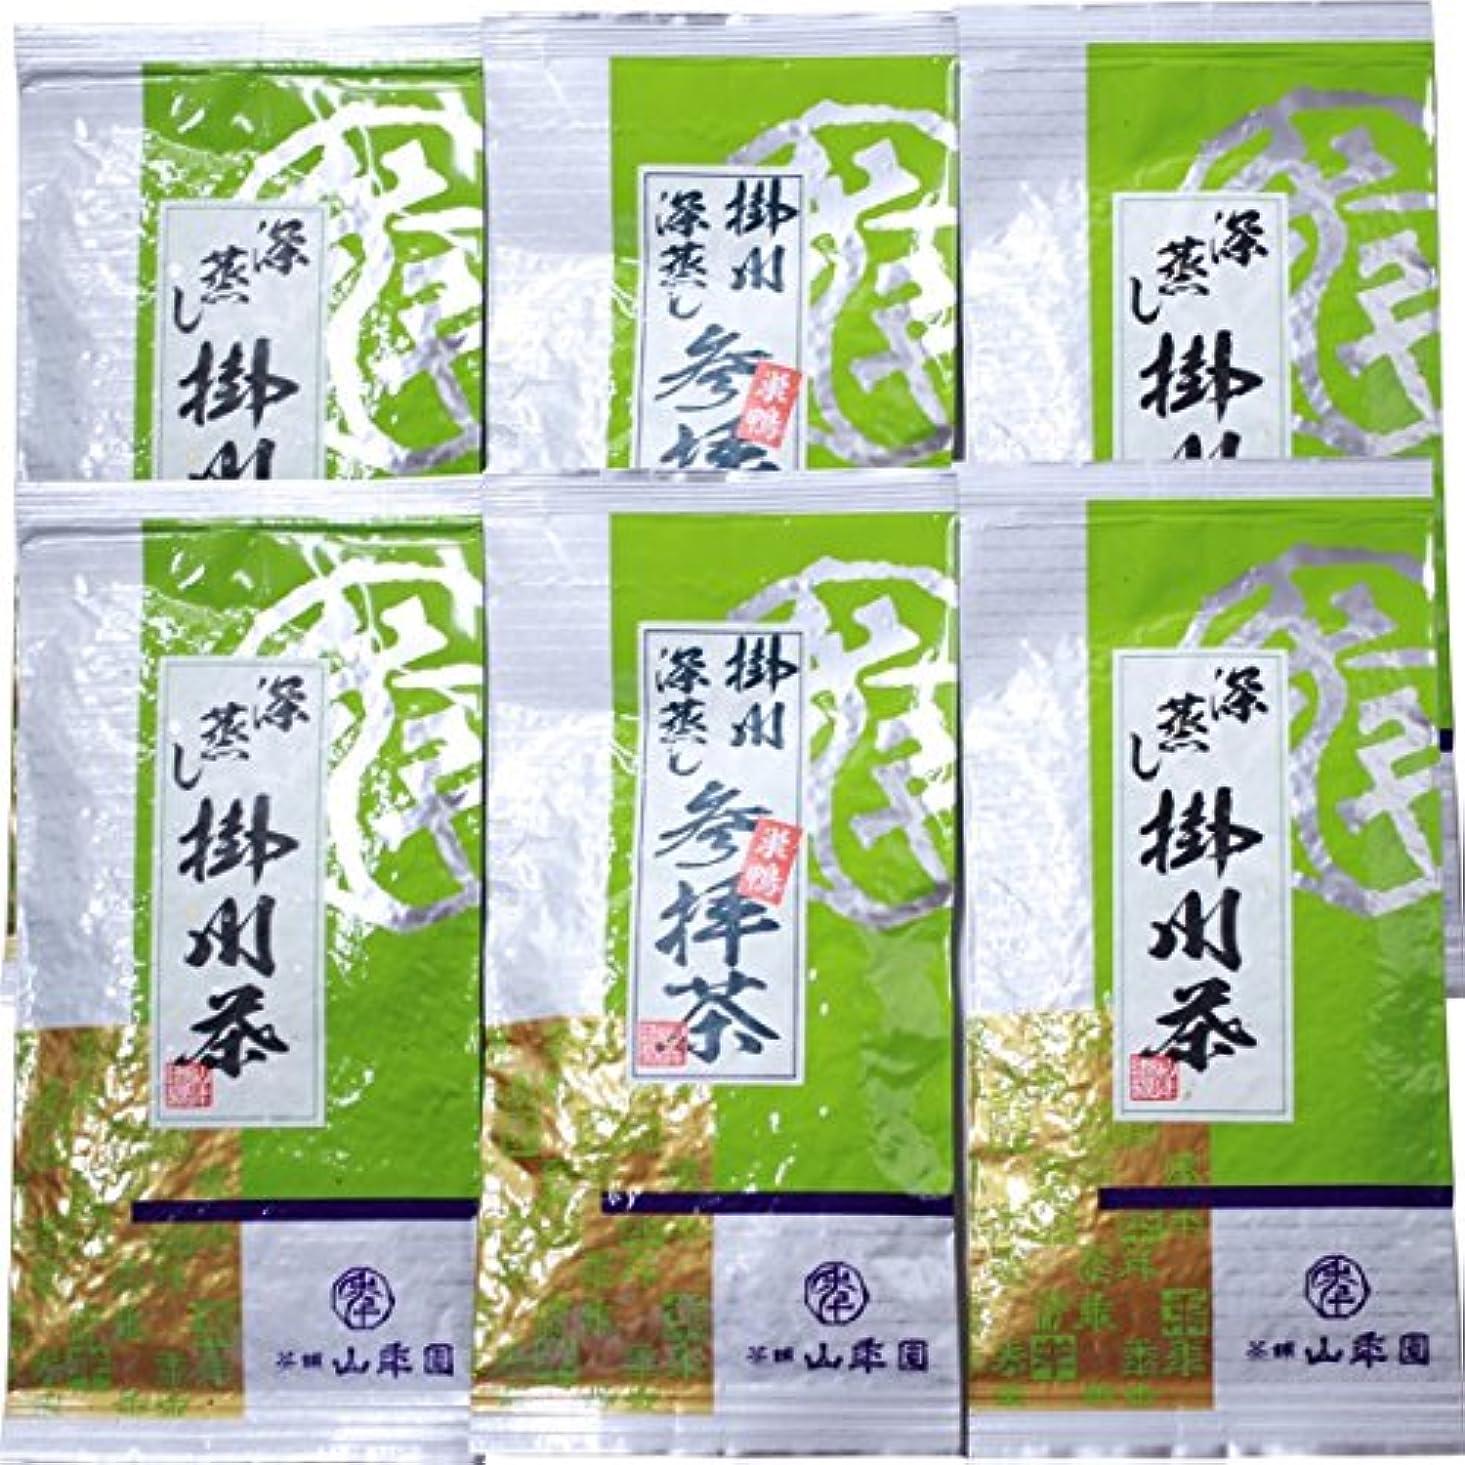 フェッチバングラデシュ欺く日本茶 お茶 茶葉 参拝茶100g×2袋+掛川深蒸し茶100g×4袋セット